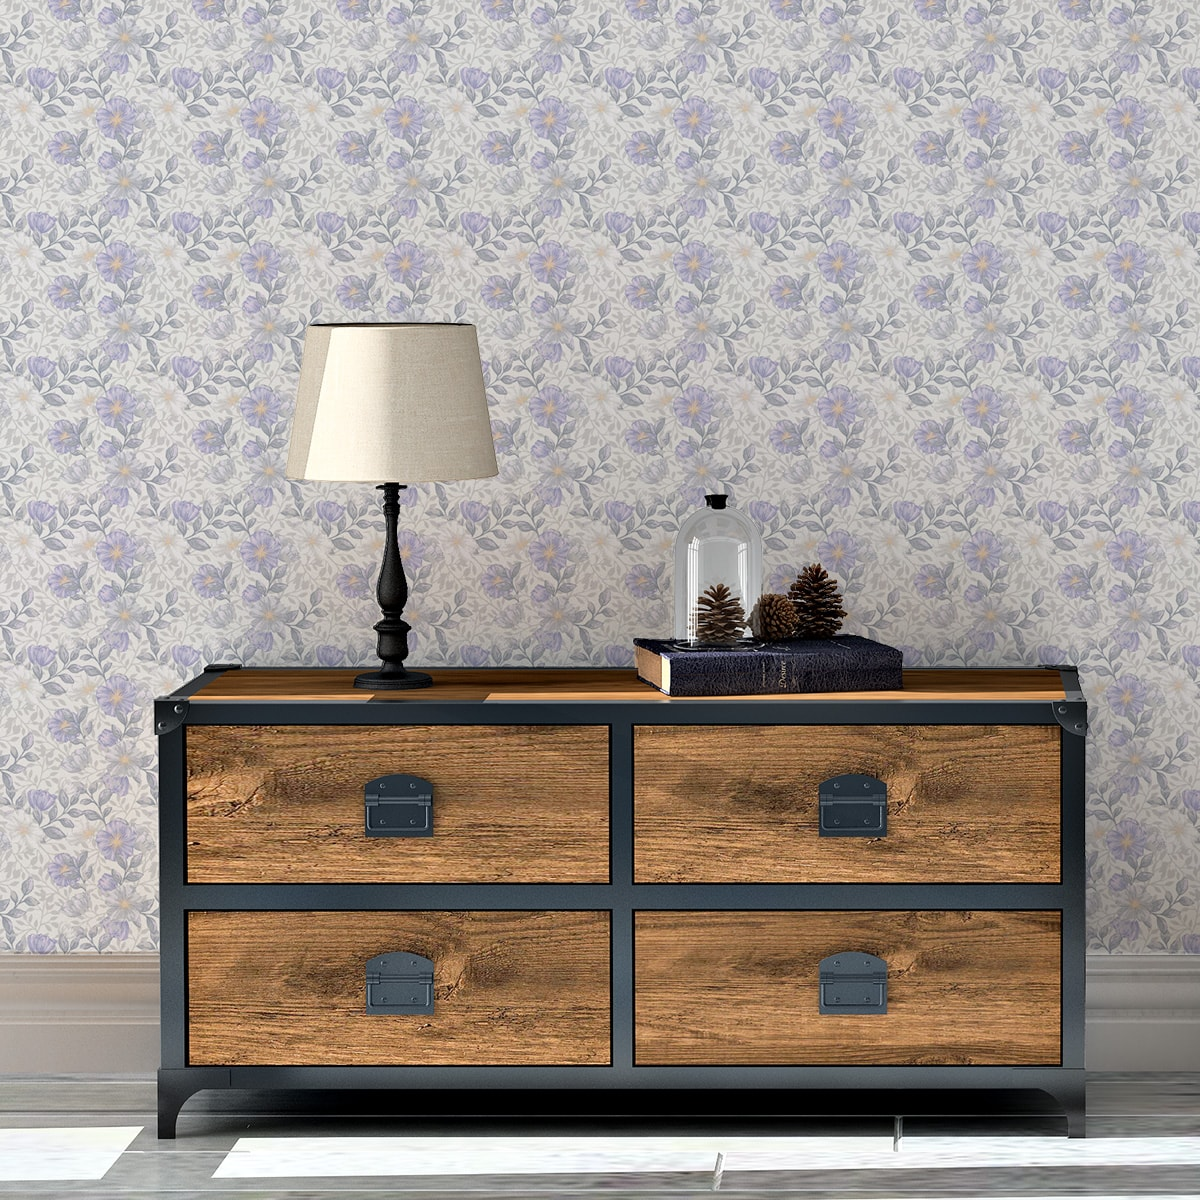 """Tapete für Büroräume schwarz: Elegante Tapete """"Hibiskus Garten"""" mit üppigen Blüten, graue Vlies Tapete Blumentapete für Flur, Büro"""